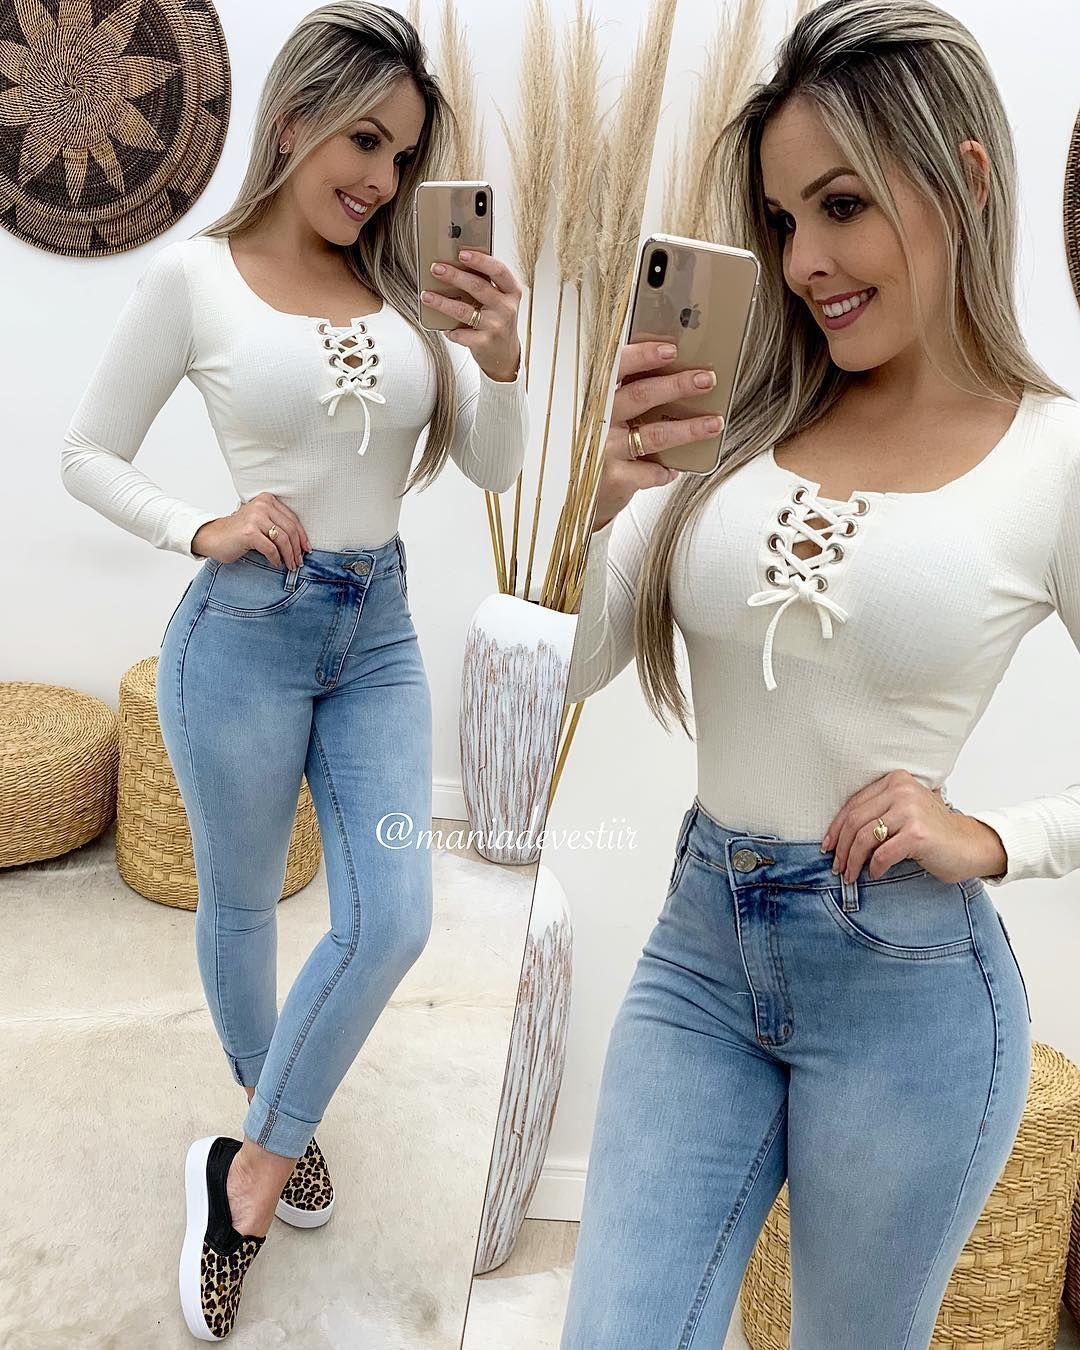 """Mania De Vestir on Instagram """"Body R$ 59,90 Calça R$ 99,90 🛒 Site para compras 👇🏻 www maniadevestir com br Dúvidas SITE (49) 988195646 📍 Lojas físicas 👇🏻 Dúvidas…"""" is part of Womens fashion jeans - 3,052 Likes, 10 Comments  Mania De Vestir (@maniadevestiir) on Instagram """"Body R$ 59,90 Calça R$ 99,90 🛒 Site para compras 👇🏻 www maniadevestir com br Dúvidas SITE (49)…"""""""